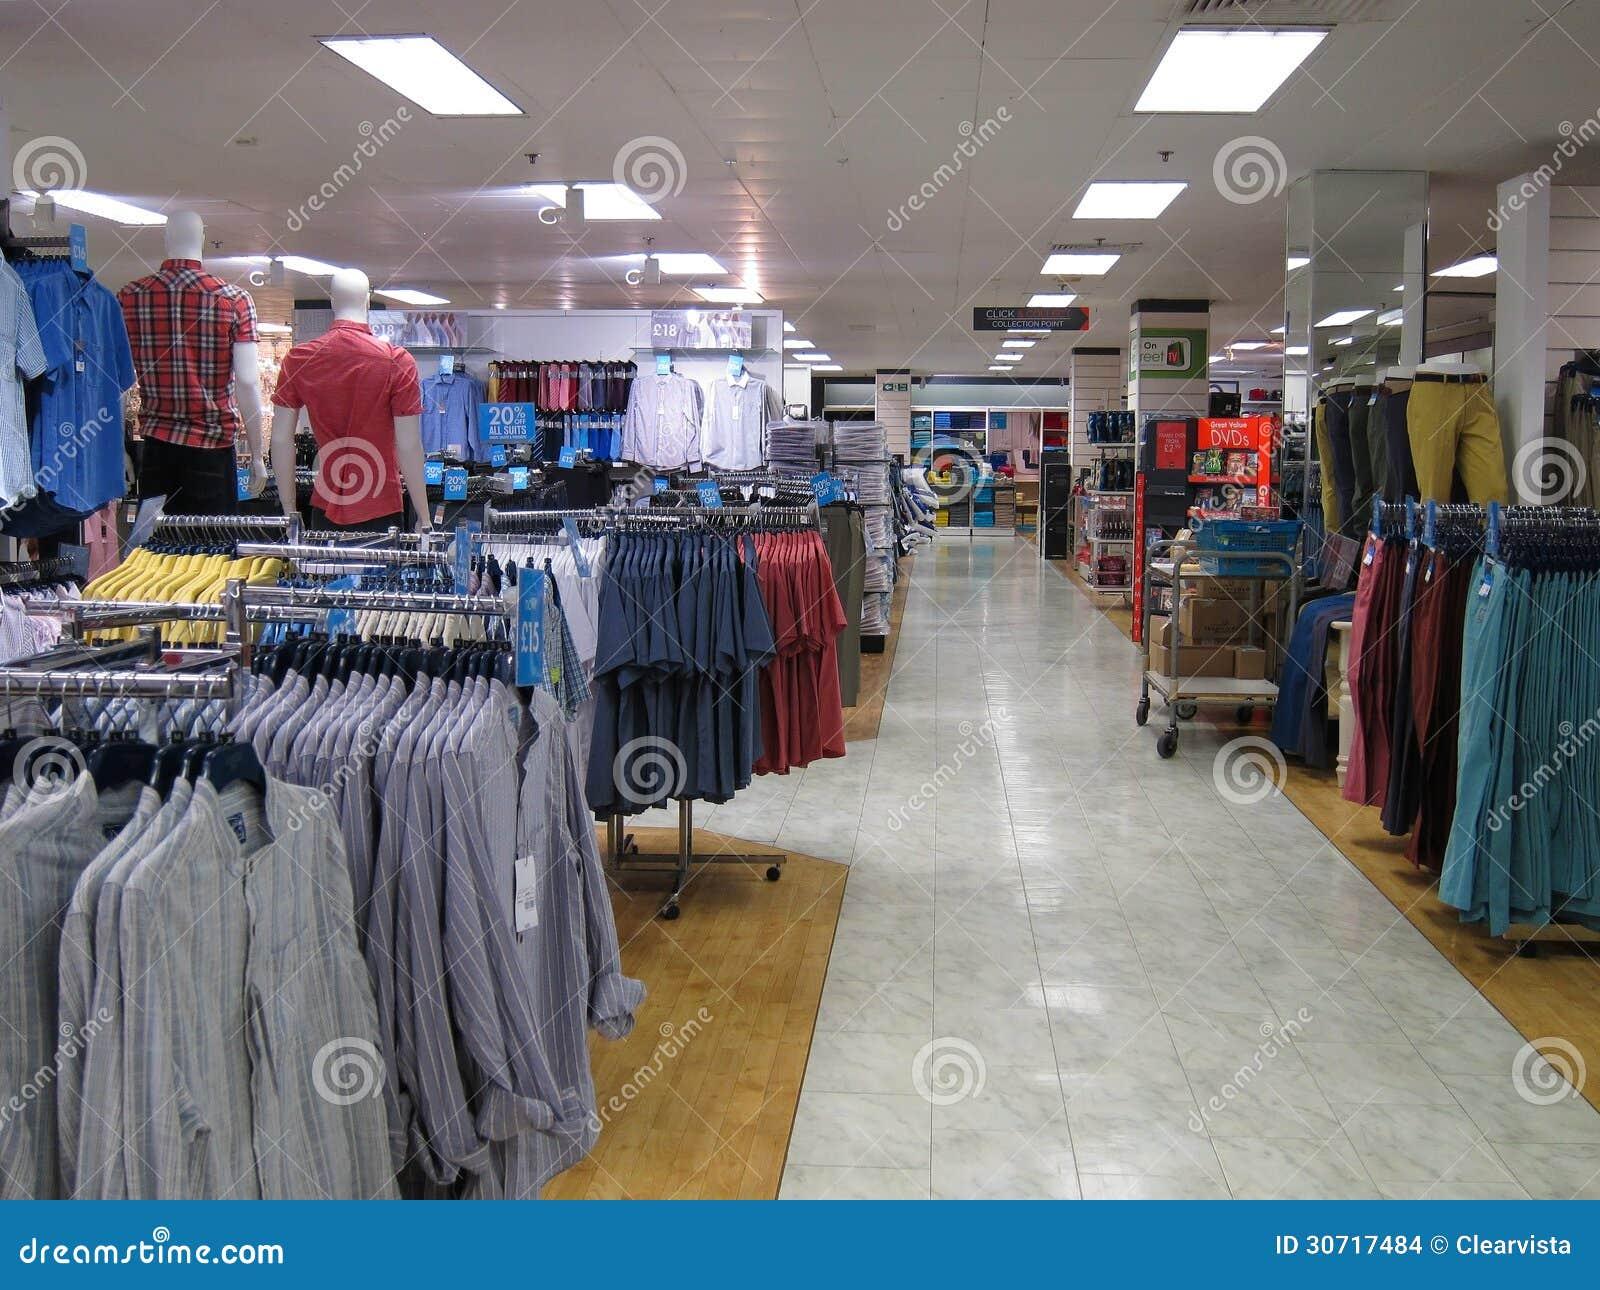 Encuentra en Pacifika ropa interior para hombre, boxers sueltos o ajustados, calzoncillos, medias, camisetas básicas y más. ¡Compra online ya!